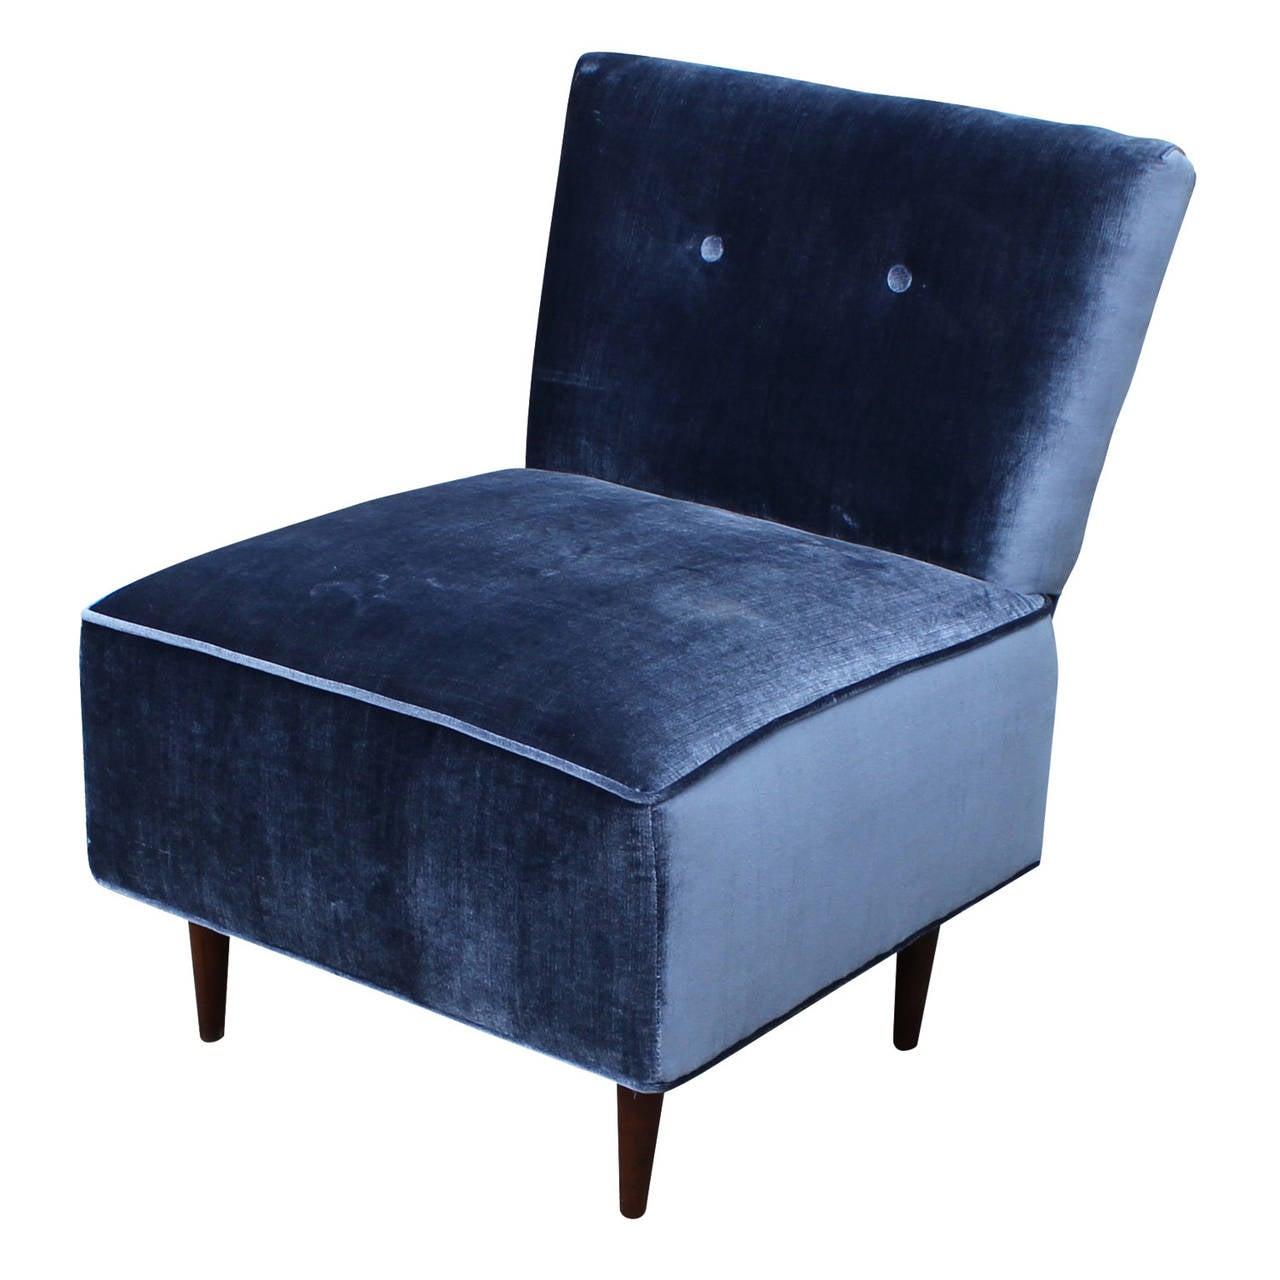 fantastic blue velvet slipper chair at stdibs - fantastic blue velvet slipper chair